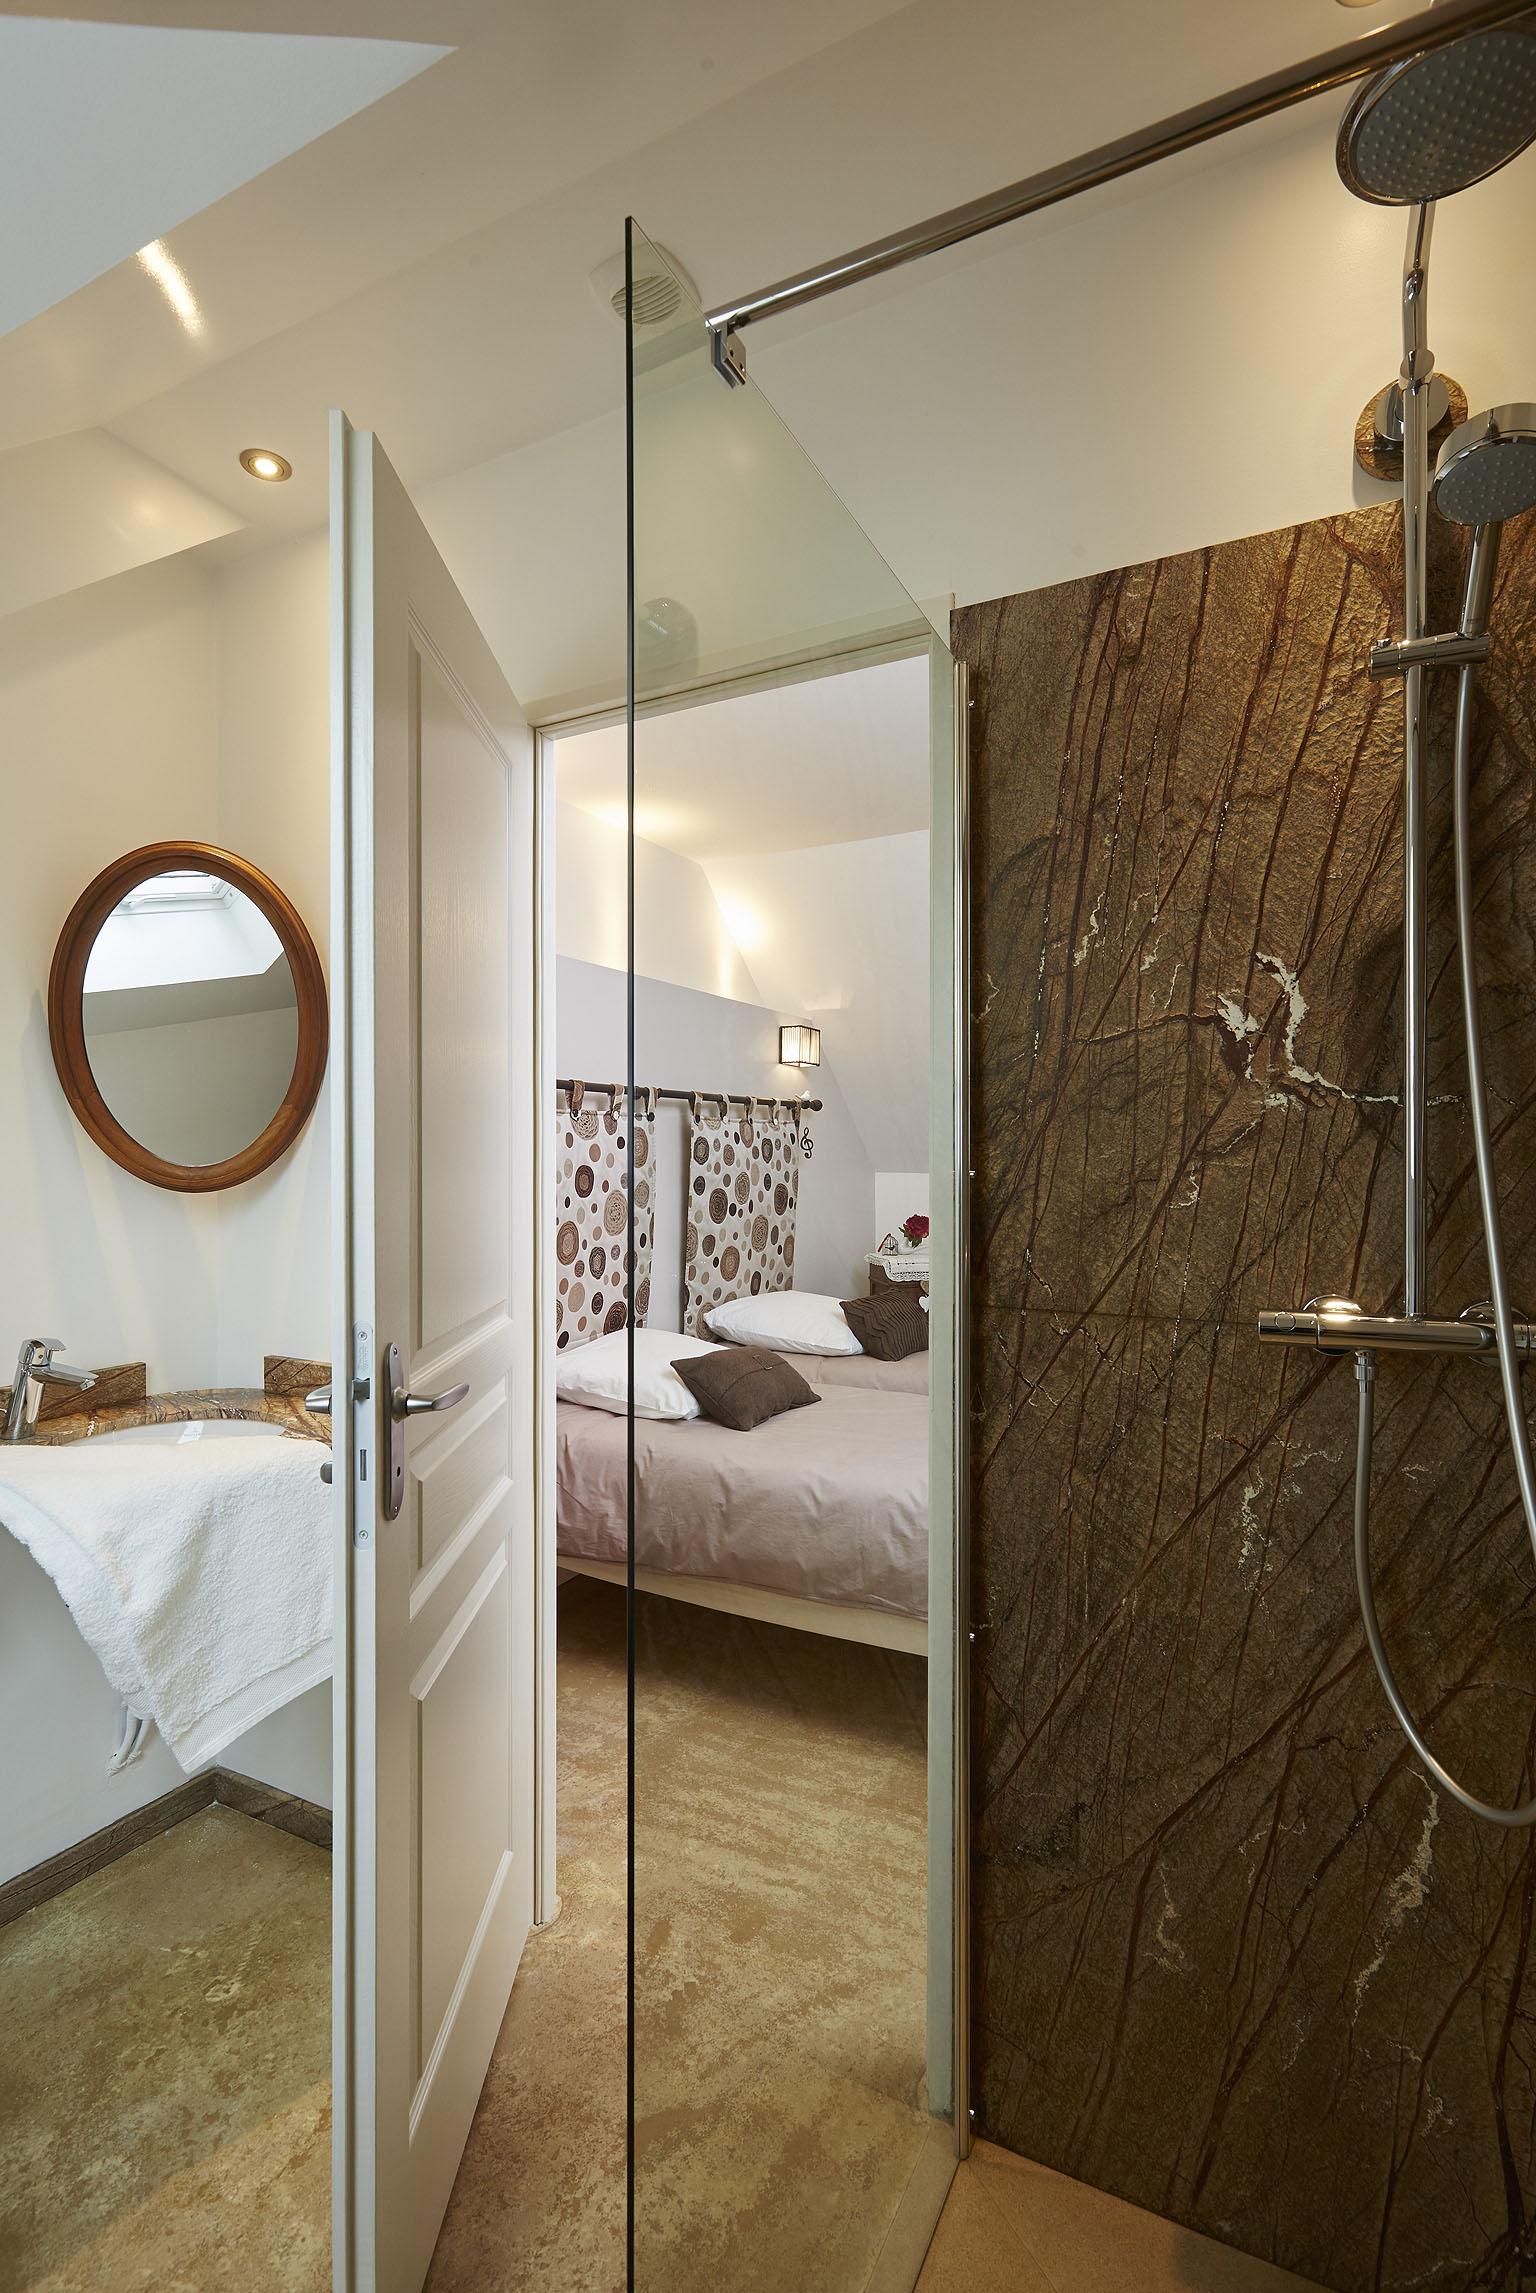 la ferme du bois paris g te et chambres d 39 h tes en eure et loir. Black Bedroom Furniture Sets. Home Design Ideas